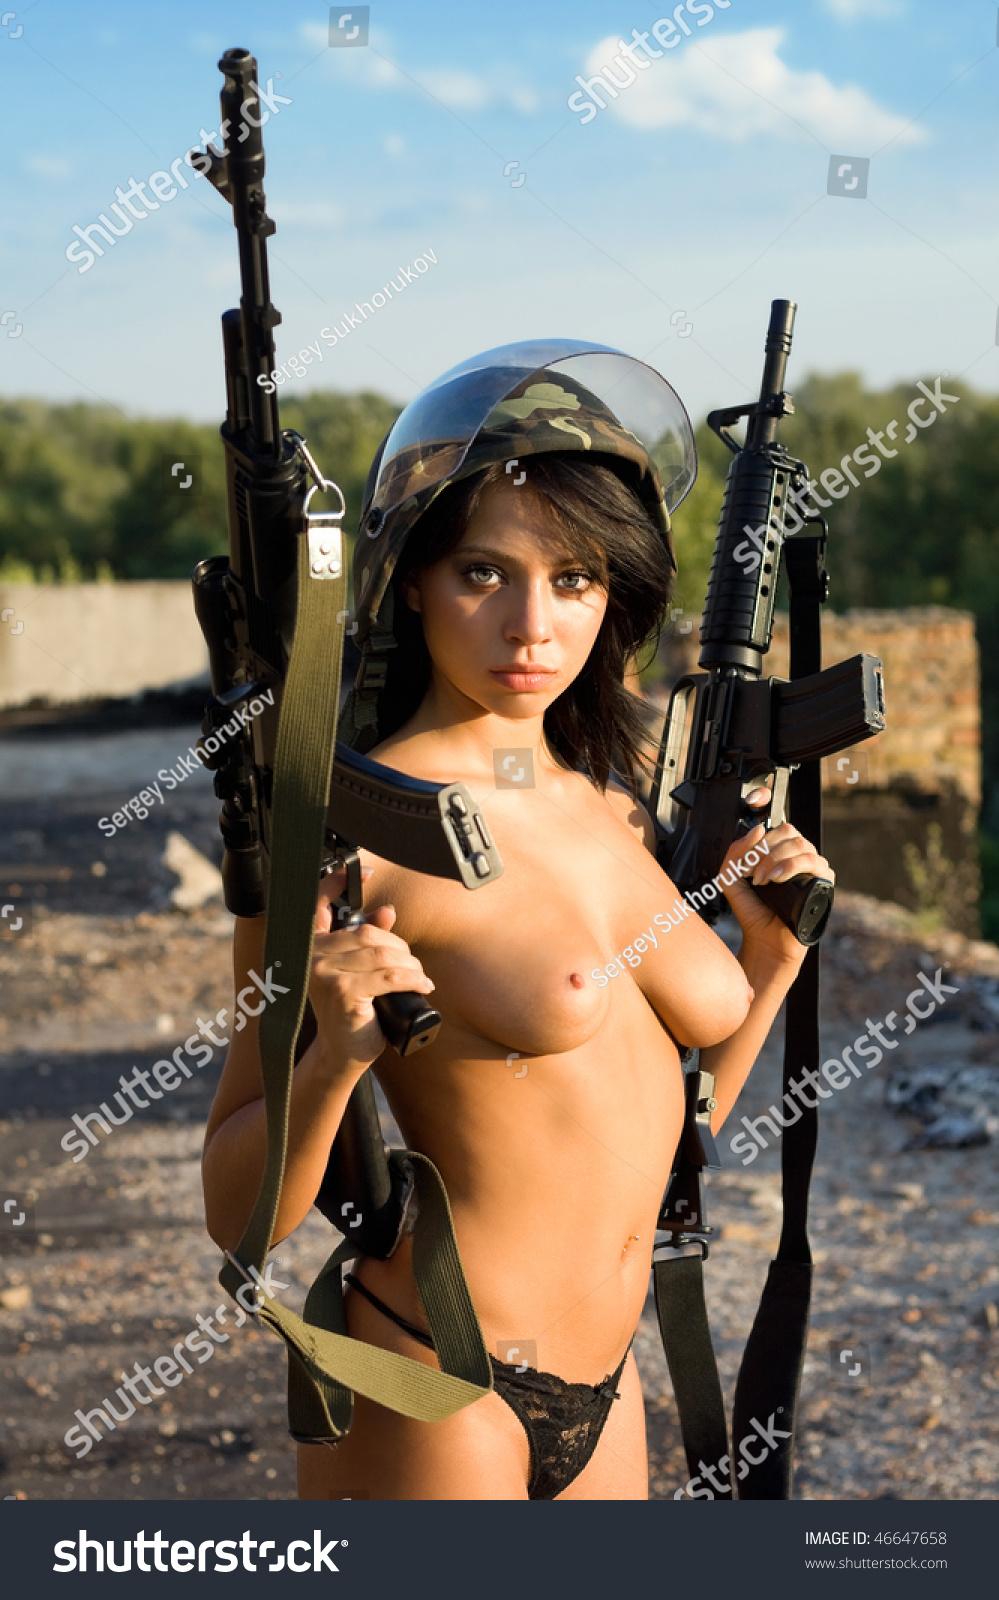 Фото голая с оружием 20 фотография